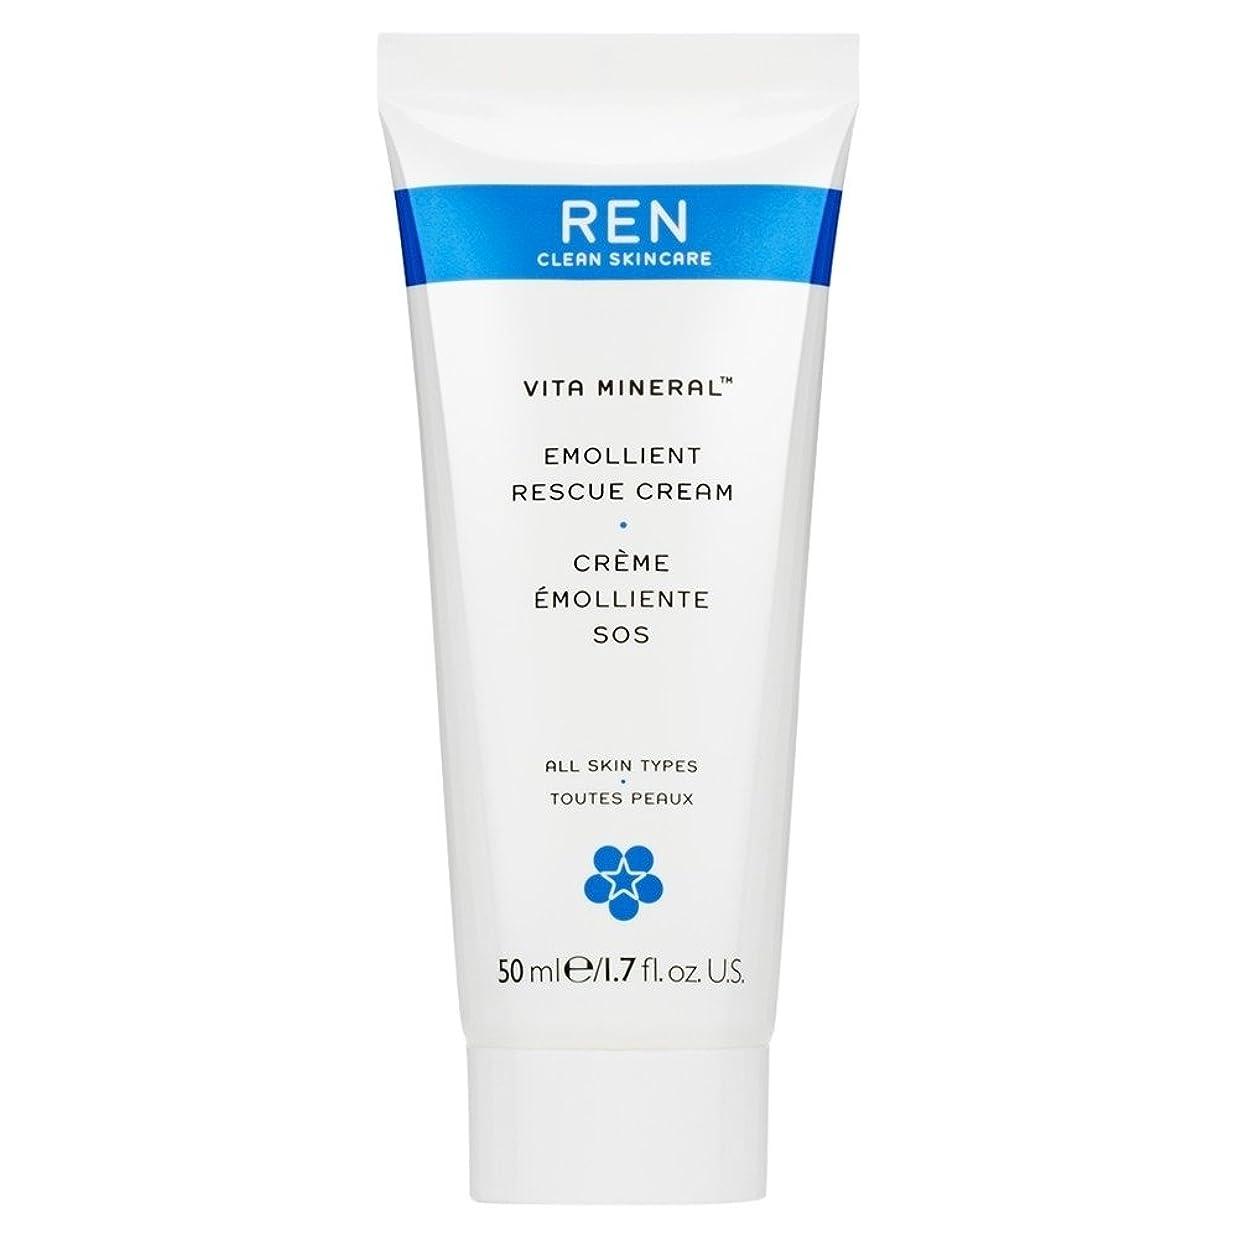 管理します思慮深い着服Renヴィータミネラルレスキュークリーム、50ミリリットル (REN) (x6) - REN Vita Mineral Rescue Cream, 50ml (Pack of 6) [並行輸入品]